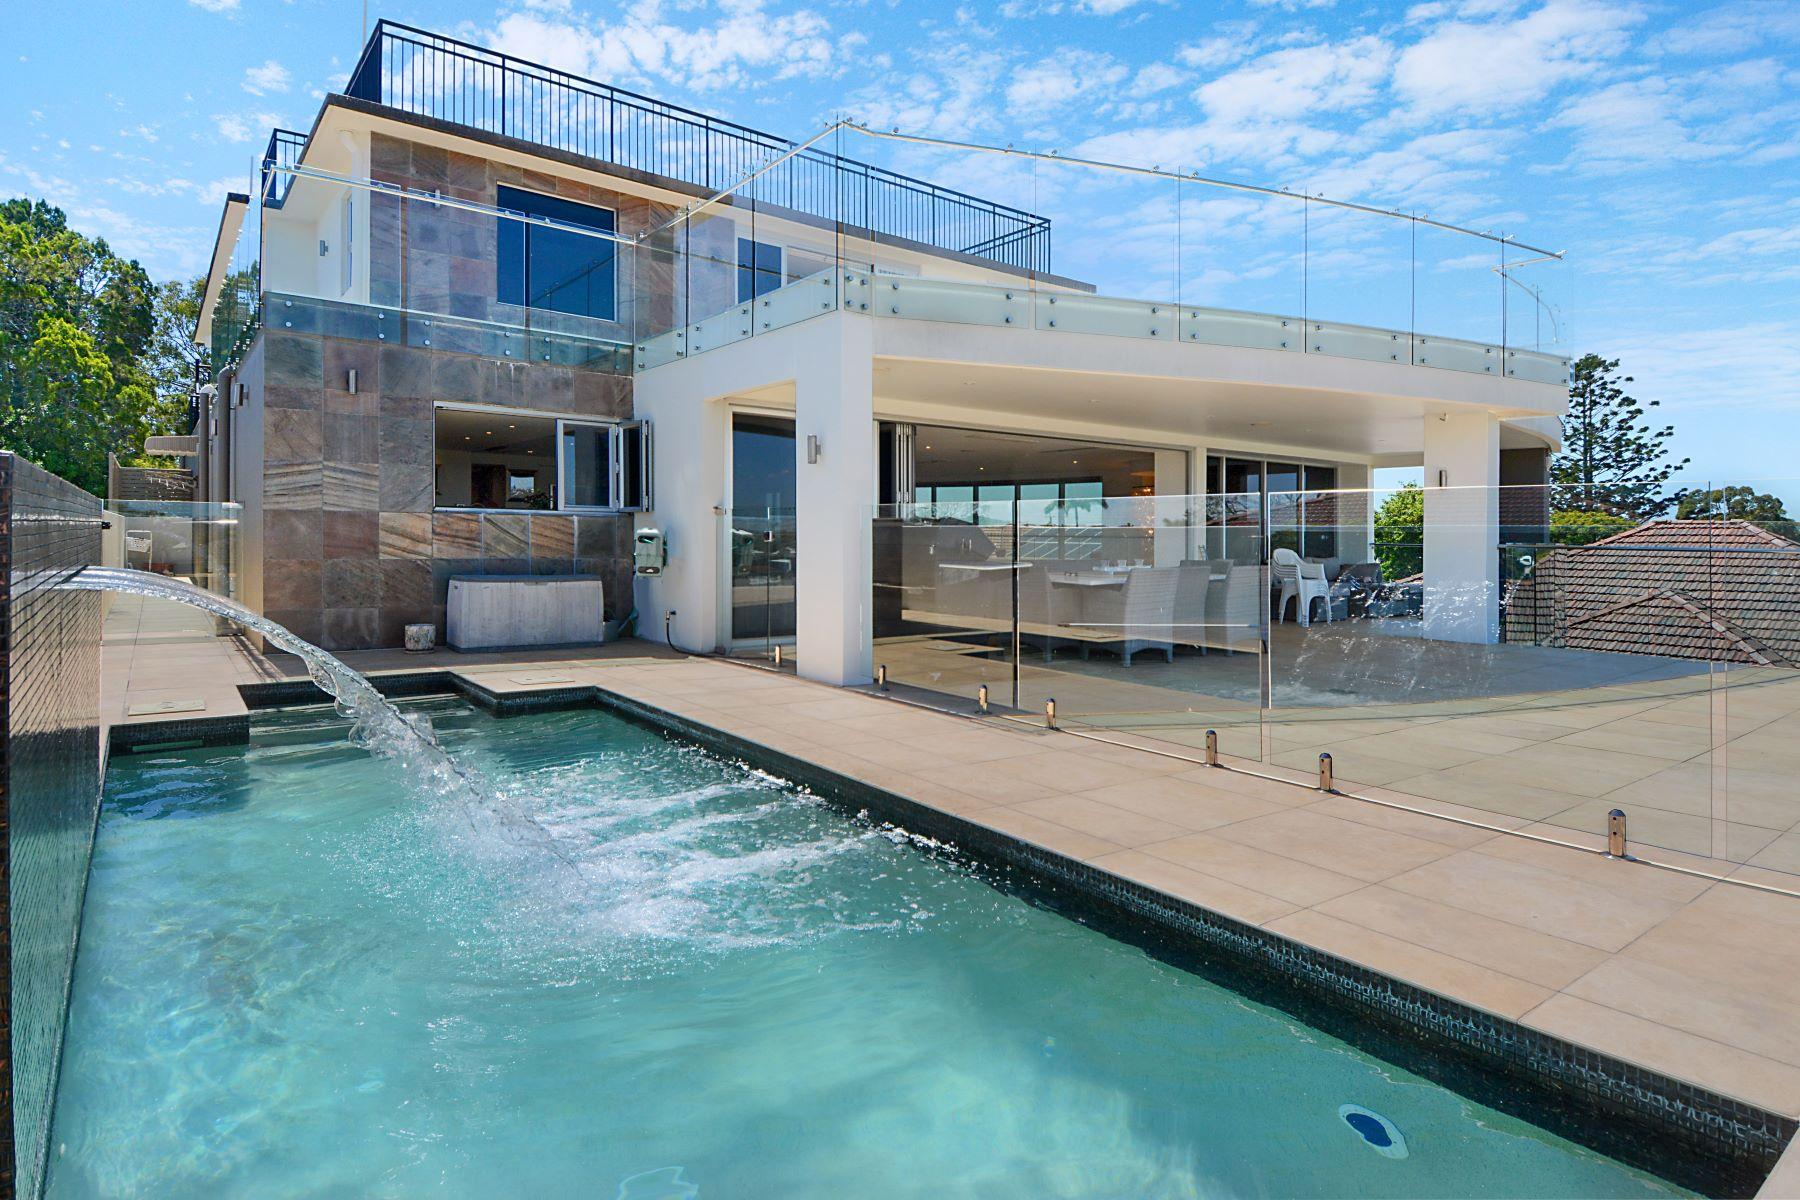 土地 為 出售 在 Westwood Views 5 Westwood Street Brisbane, Queensland, 4012 澳大利亞